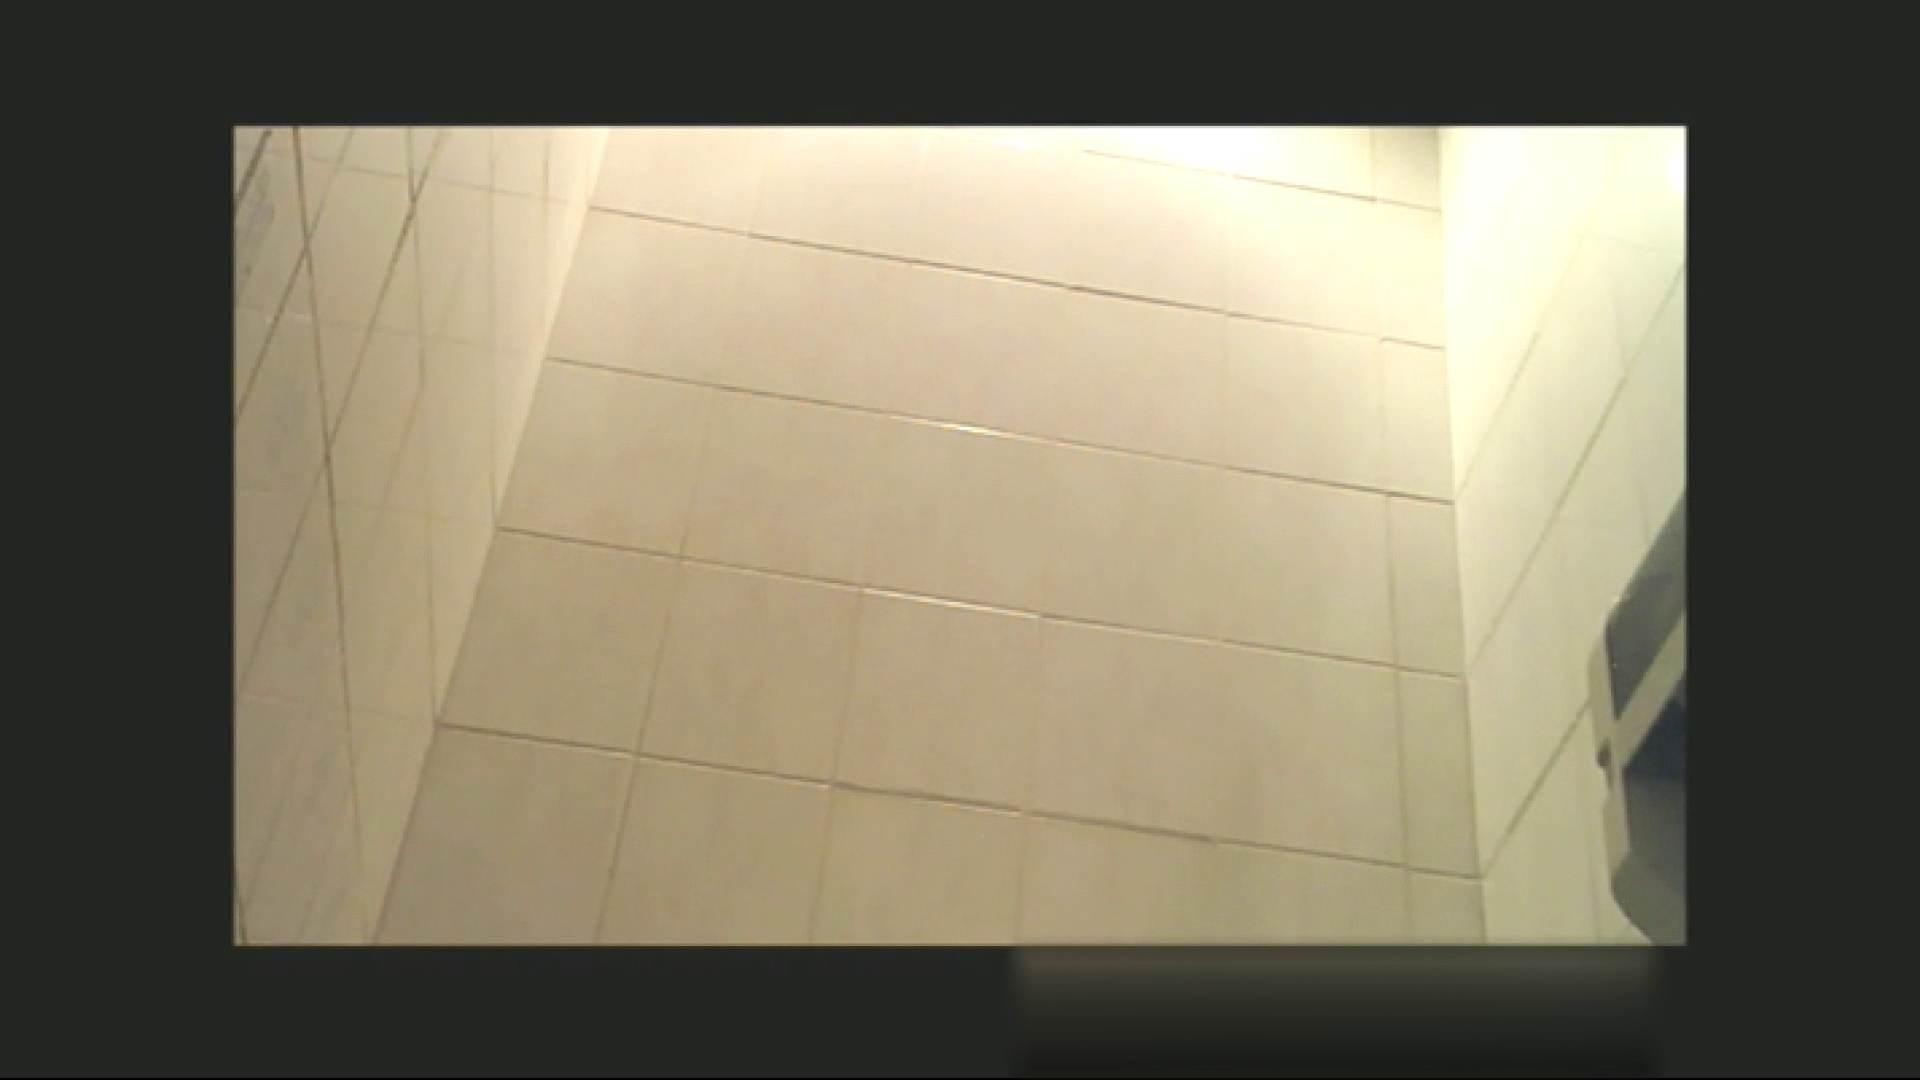 ティーンガールのトイレ覗き‼vol.06 OLセックス のぞきおめこ無修正画像 84画像 72